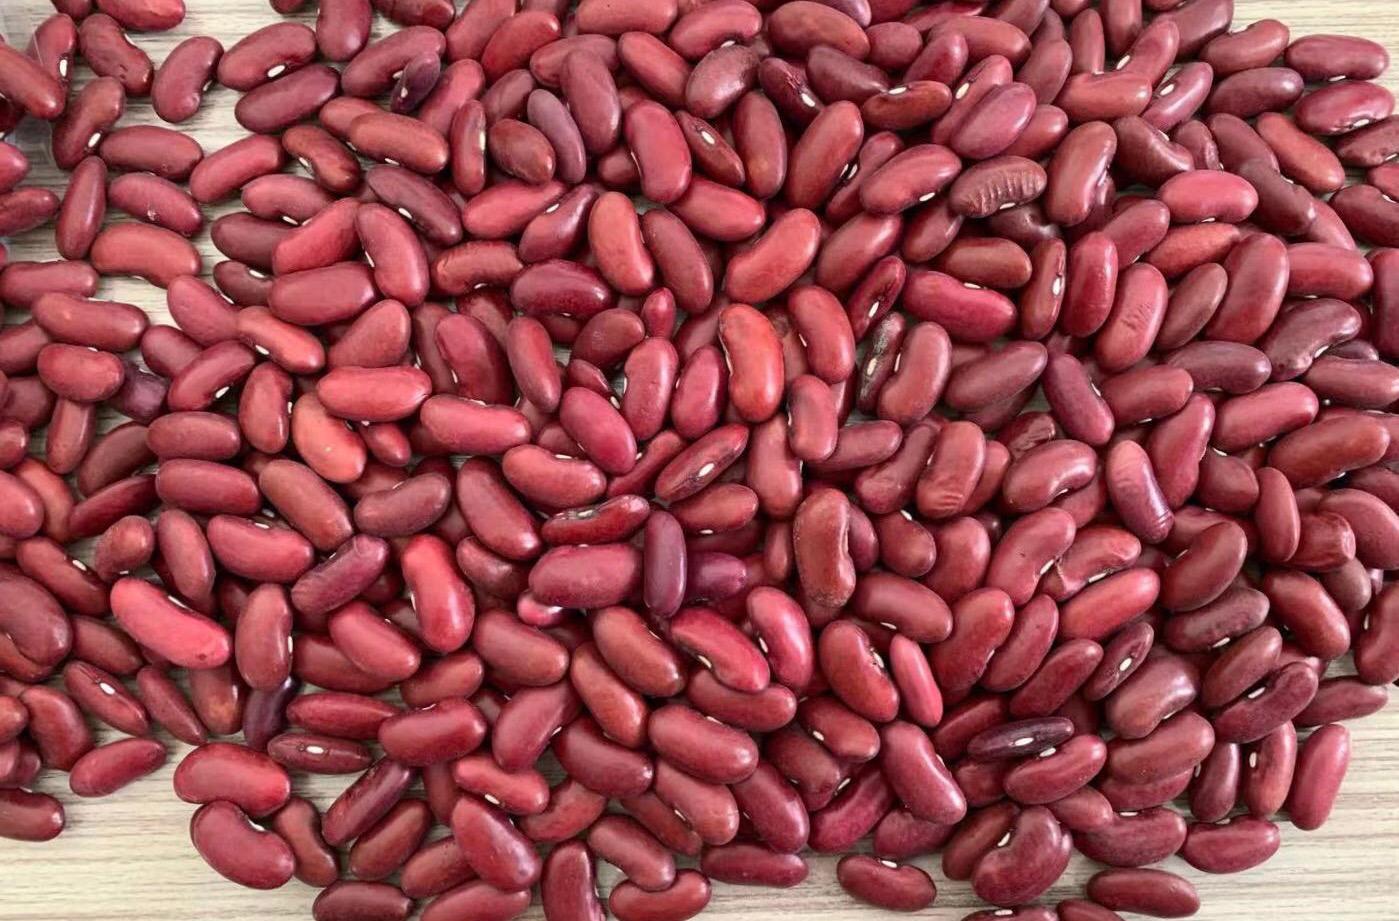 冷凍芸豆,速凍芸豆 16